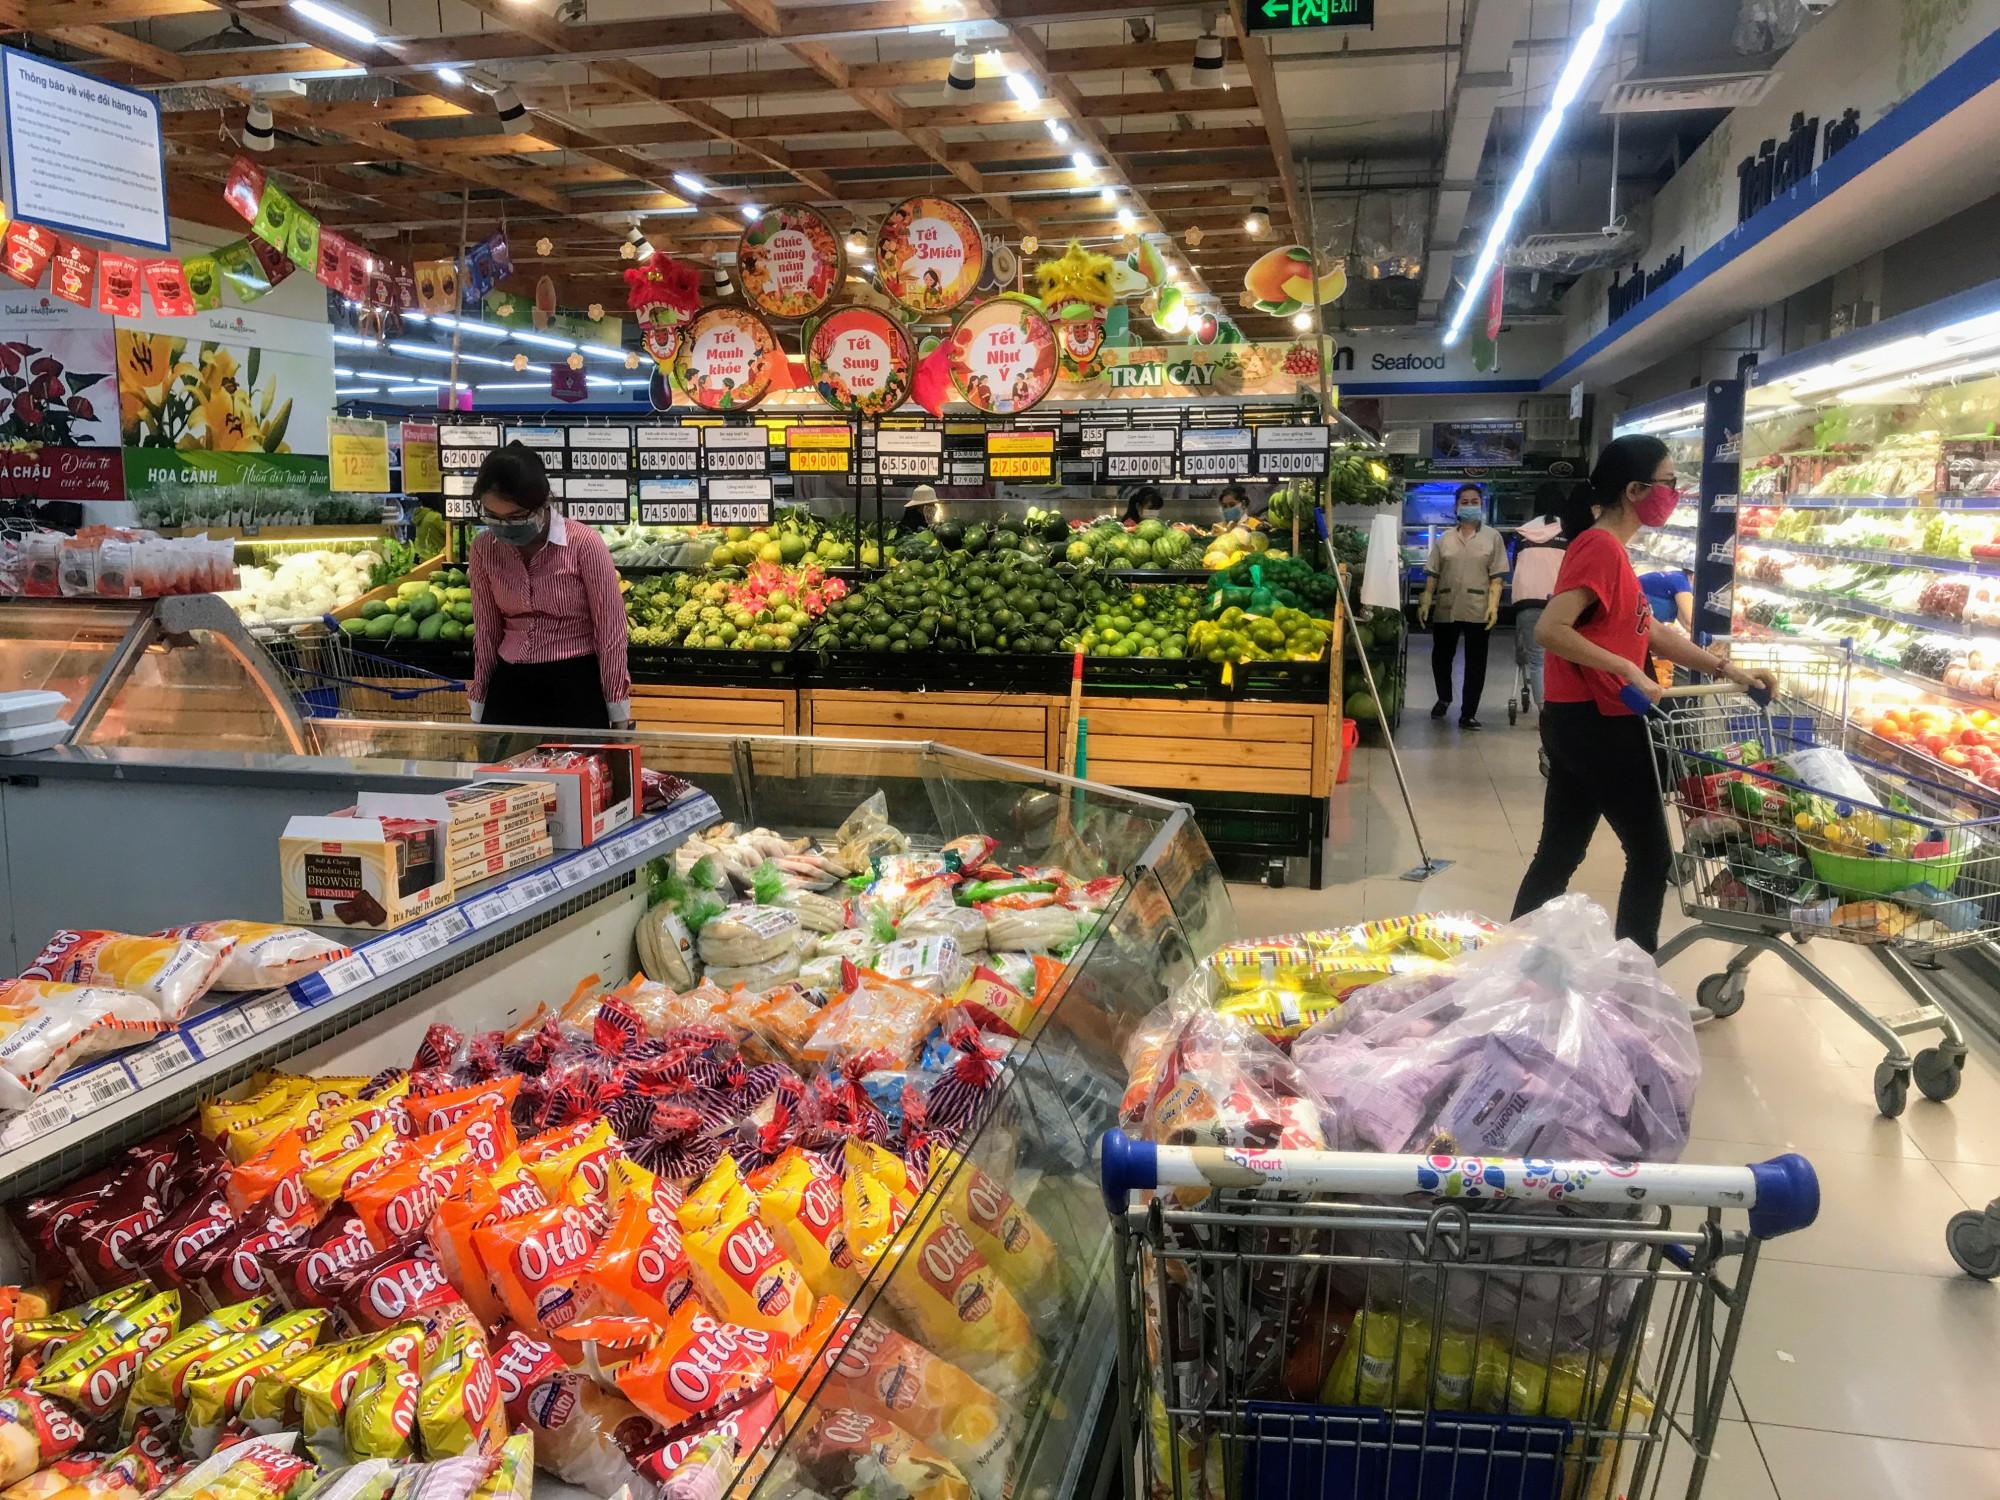 Cụ thể, sáng 5/2 ghi nhận của phóng viên báo Phụ Nữ TPHCM tại siêu thị Co.op Văn Thánh (quận Bình Thạnh) hơn 10h sáng nhưng lượng khách khá thưa thớt, nhân viên siêu thị bắt đầu tăng cường, bổ sung một số mặt hàng như mì gói, gia vị,… hàng rau xanh, trái cây, thịt theo quan sát của phóng viên có khá đầy đủ hàng, hàng ăn làm sẵn cũng bắt đầu đa dạng các món ăn phục vụ cho công nhân viên, dân văn phòng tại khu vực này.